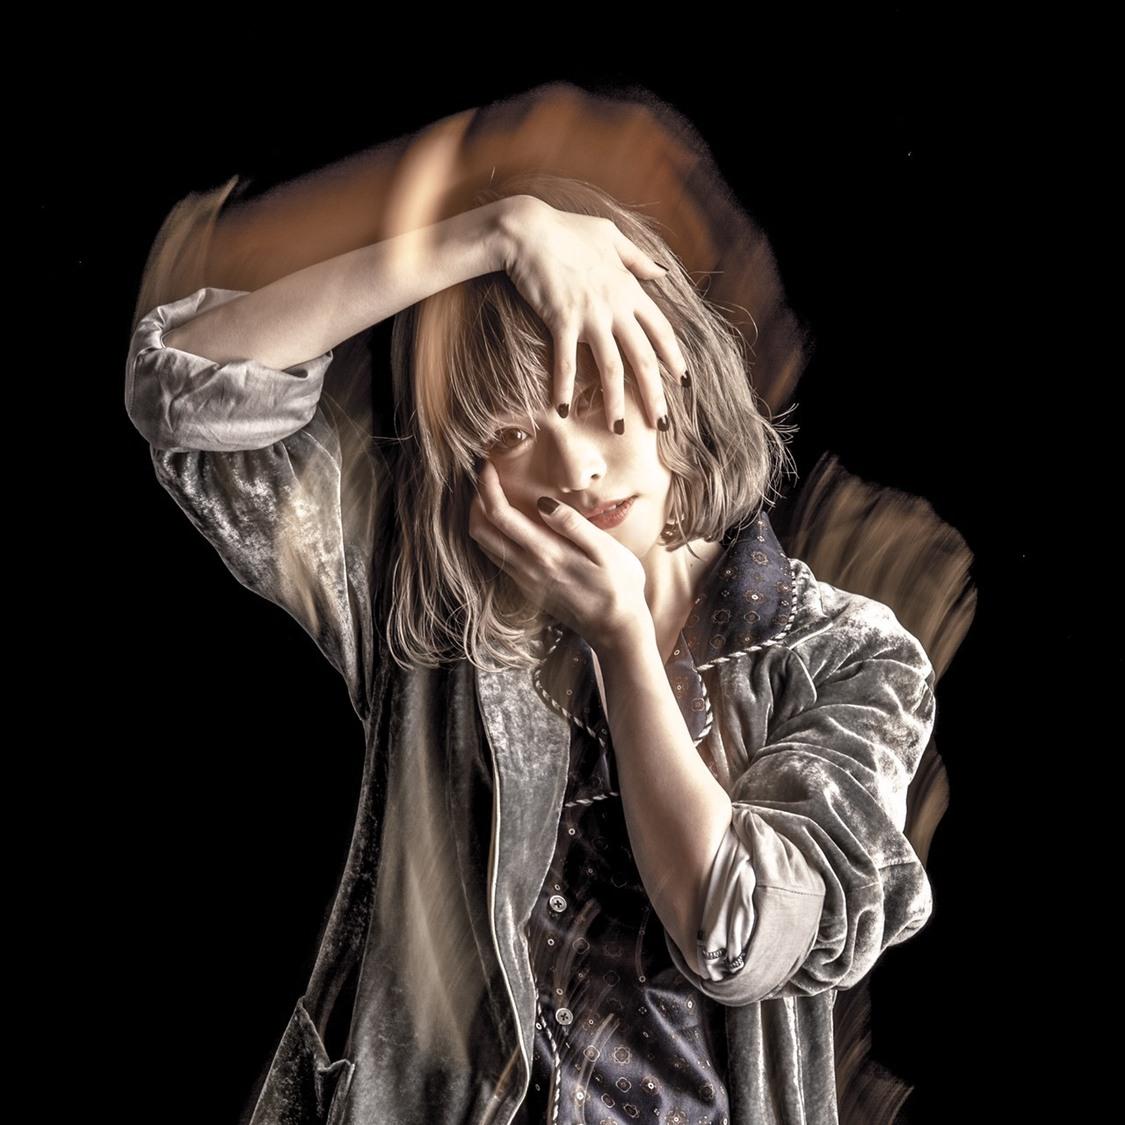 藤川千愛、新曲「悔しさは種」がTVアニメ『デジモンアドベンチャー:』EDに決定!